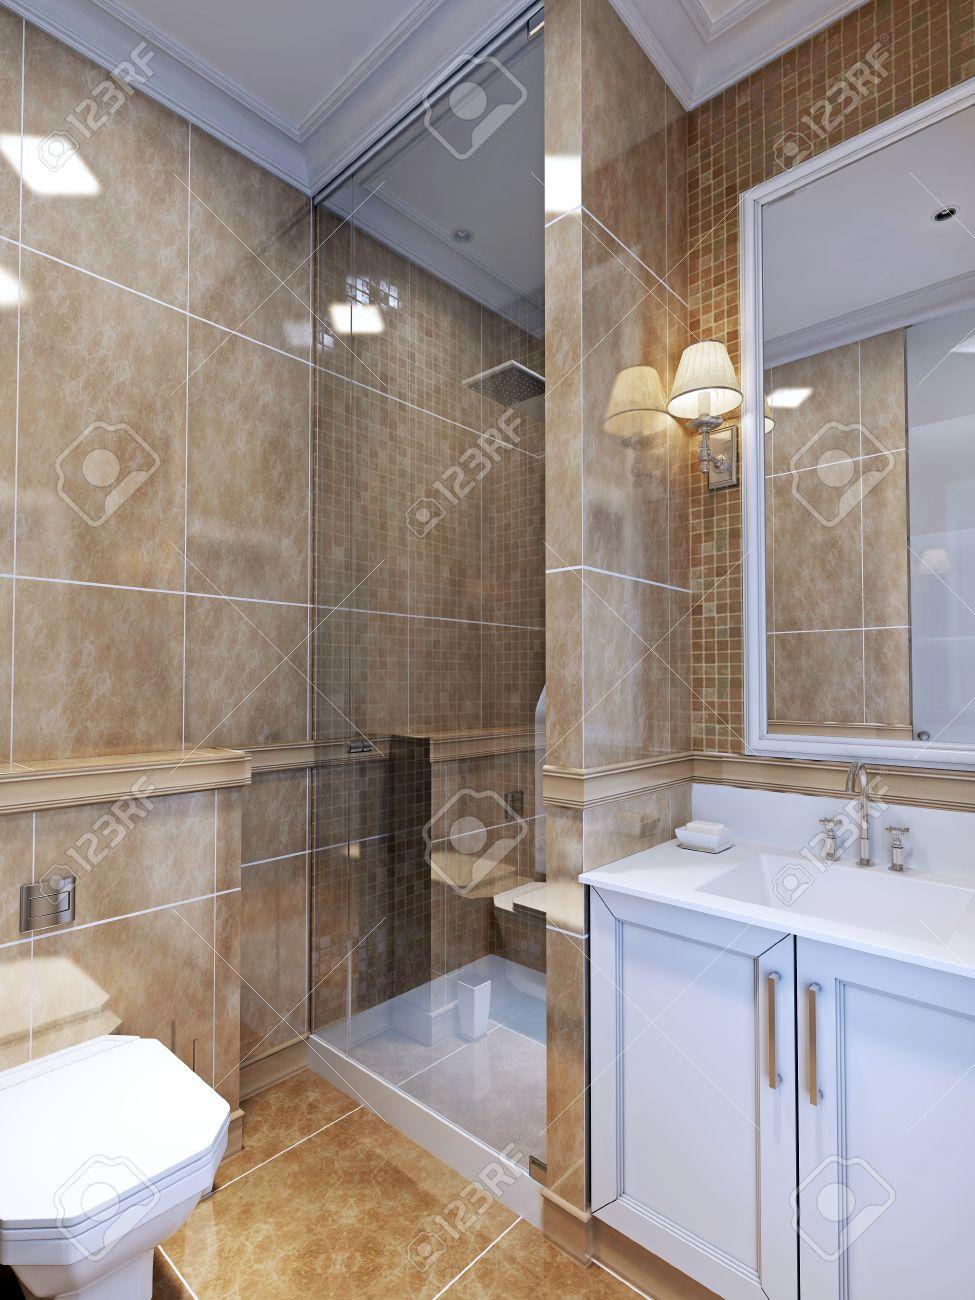 Estilo deco baño arte. Un cuarto de baño completo que es de tamaño pequeño.  azulejo de color beige natural abarca tanto suelo y la pared. 3D rinden